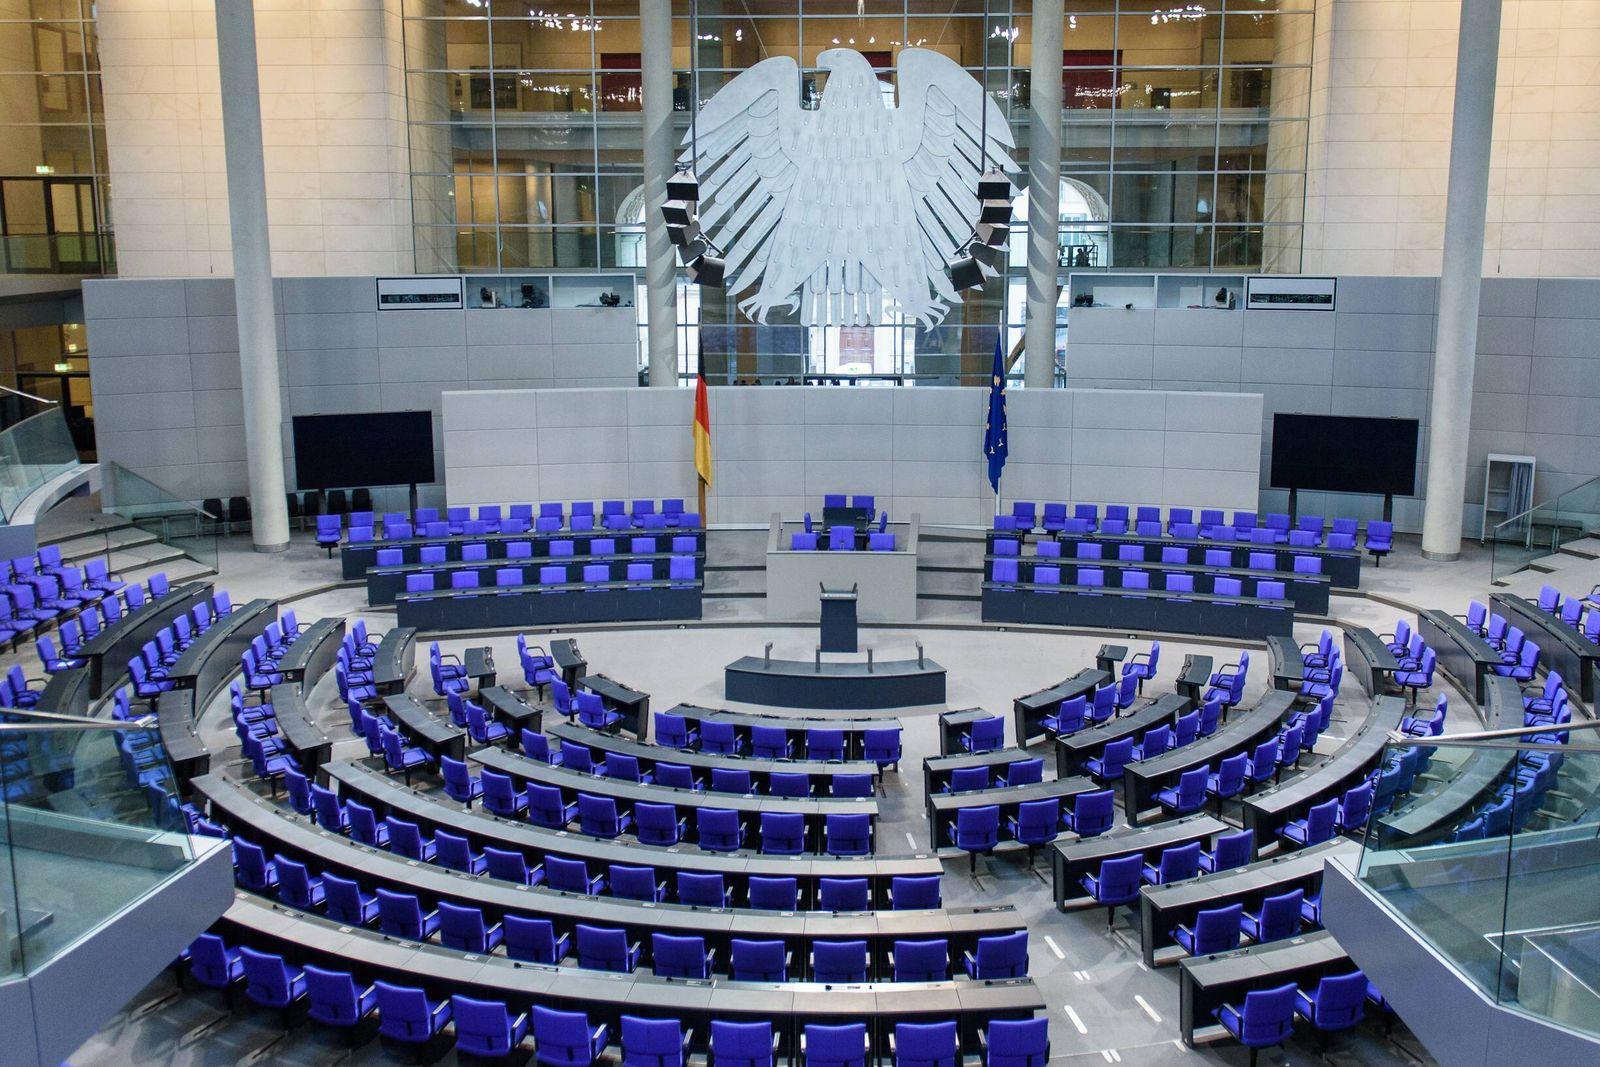 Plenarsaal Bundestag Deutschland, Berlin - 17/12/2018: Der Leere Plenarsaal des deutschen Bundestag. Berlin Bundestag B